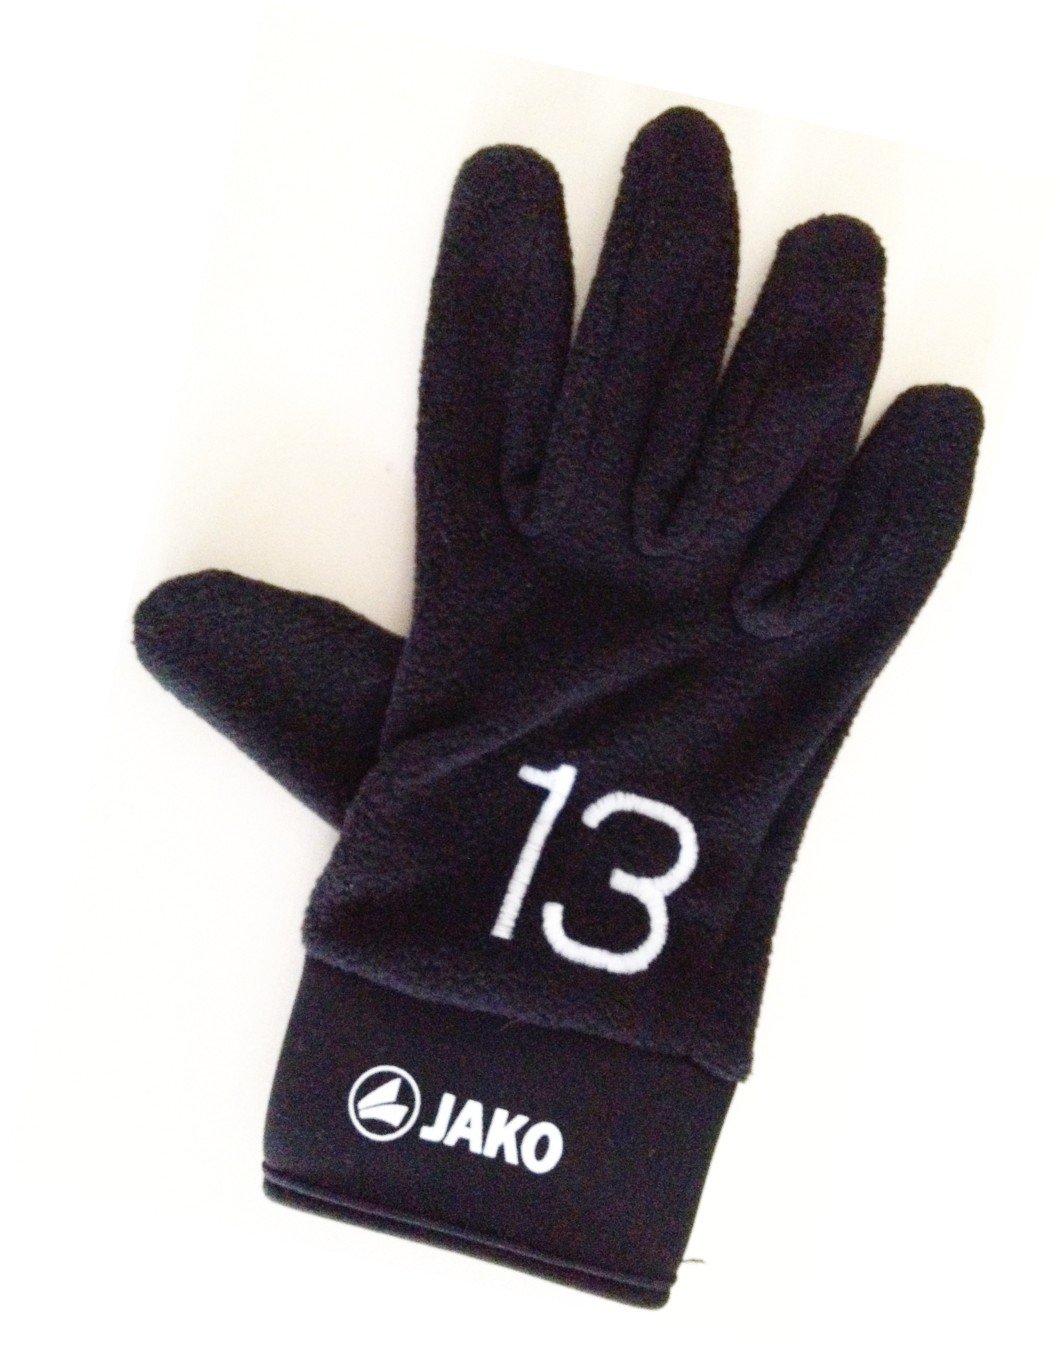 JAKO Feldspielerhandschuhe Gr.9 mit Spielernummer - Spielernummer 11